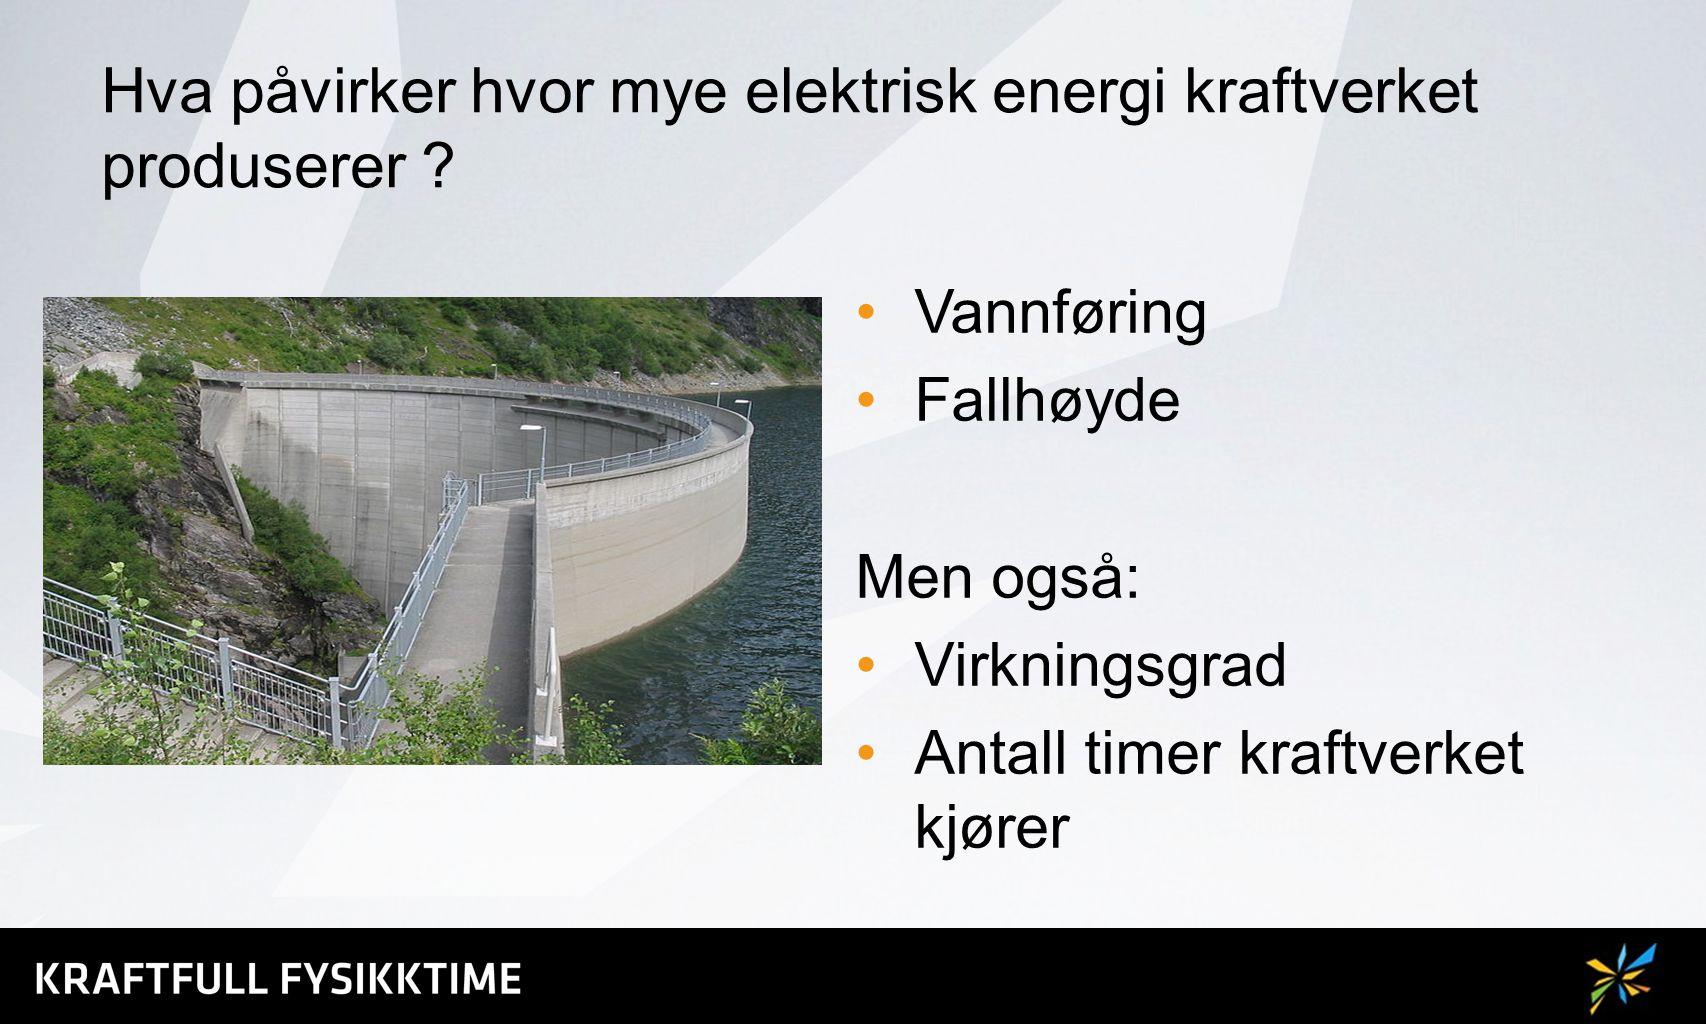 Hva påvirker hvor mye elektrisk energi kraftverket produserer